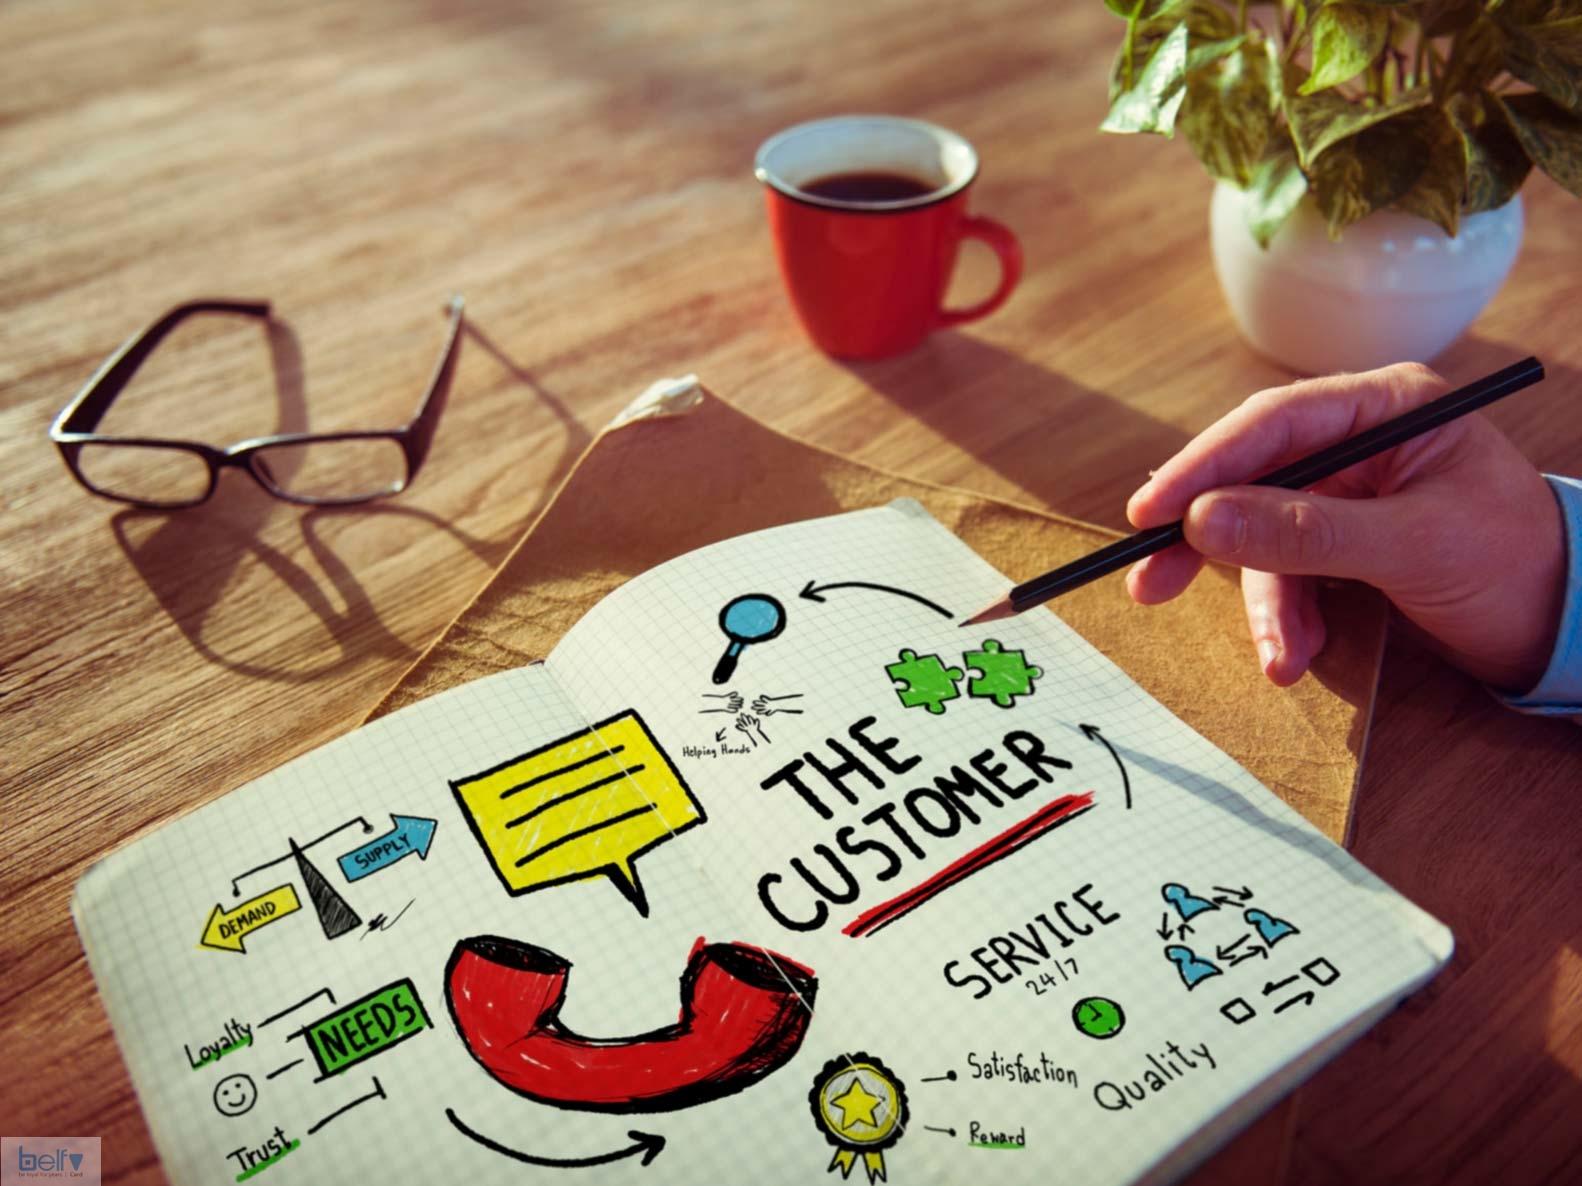 کارت وفاداری راهی برای ایجاد انگیزه در مشتری